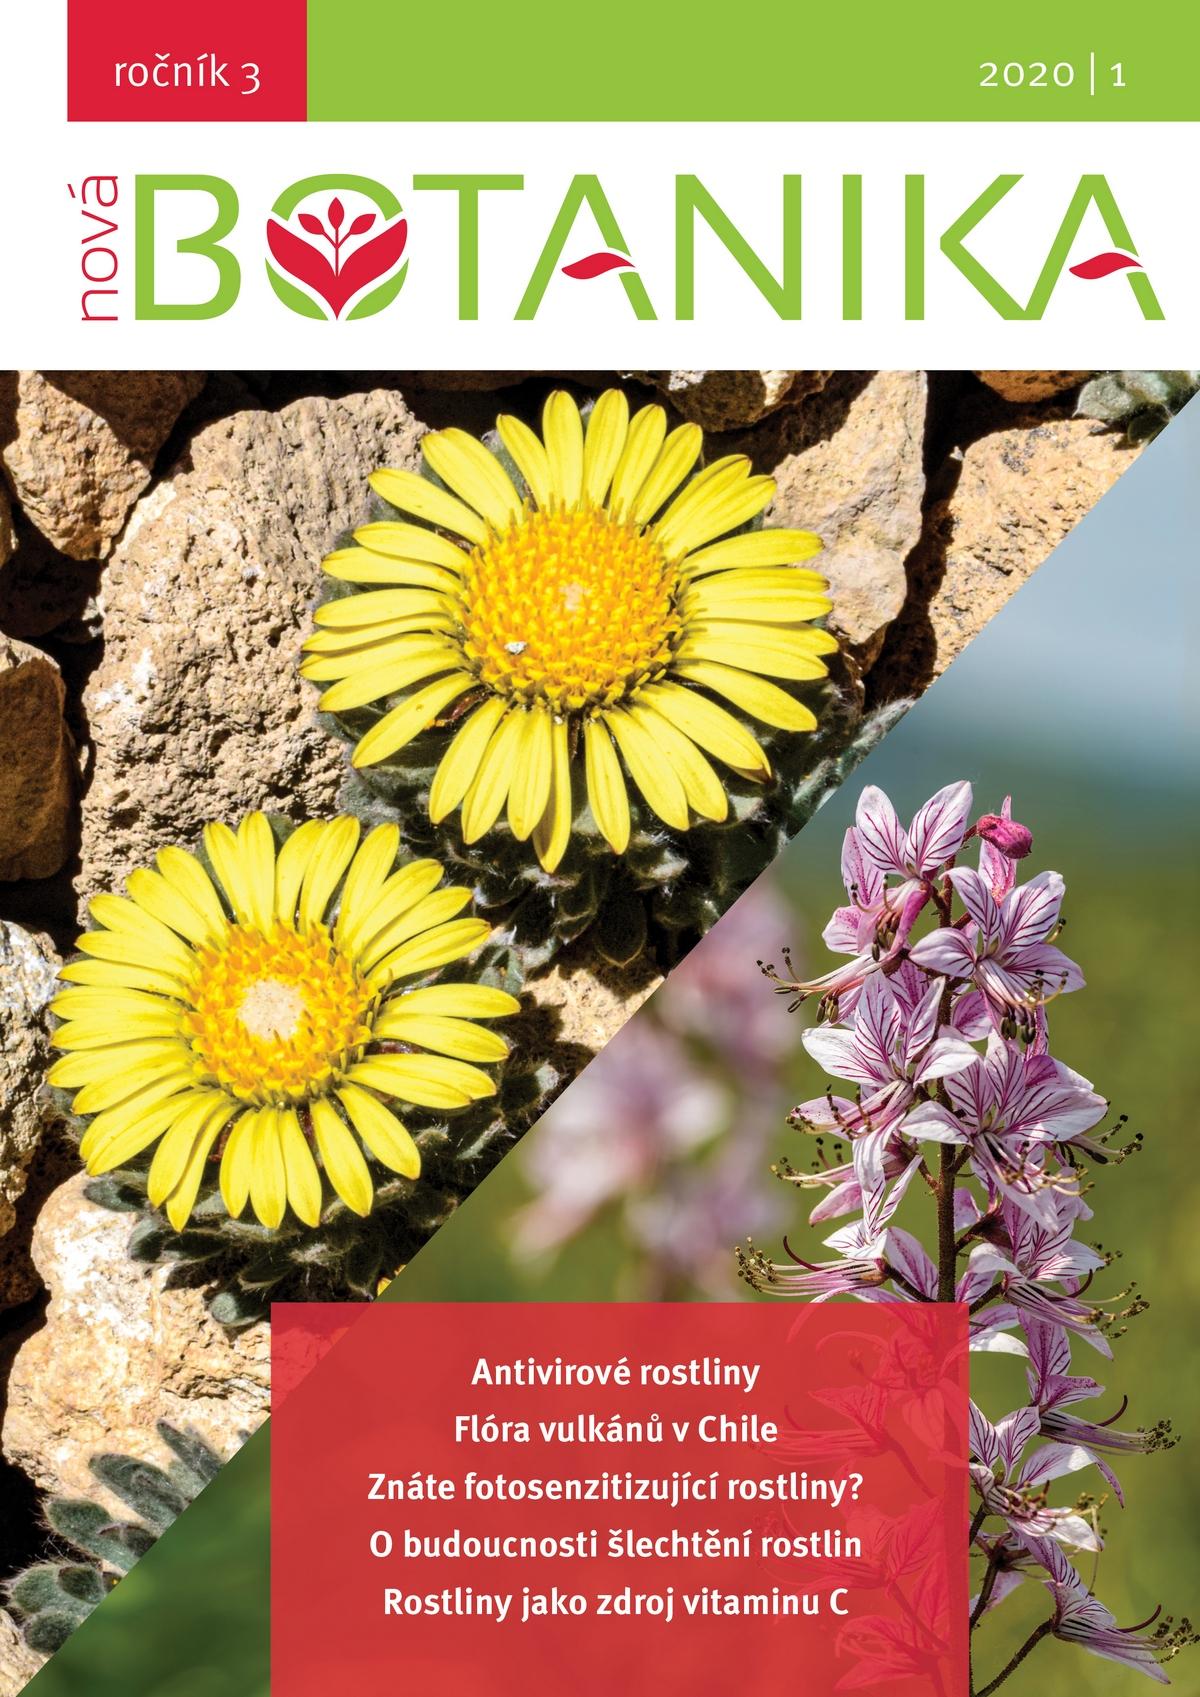 Obsah nového čísla Nové Botaniky 2020/1